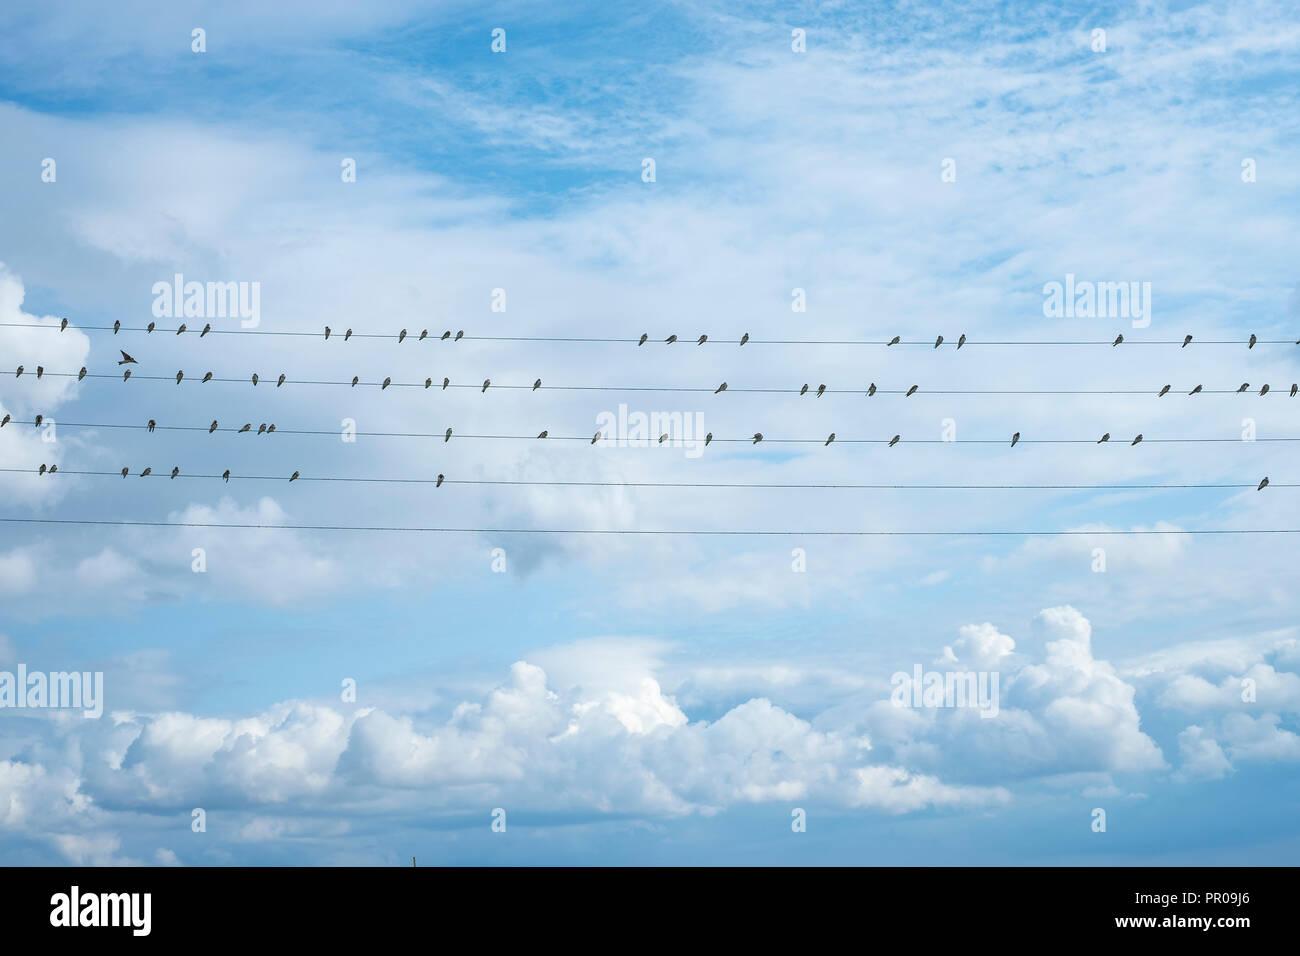 Zugvögel aufgereiht auf Leitungen in den Hafen von Nyord (nyord Havn) auf der Insel Nyord, Dänemark, Skandinavien, Europa. Stockbild